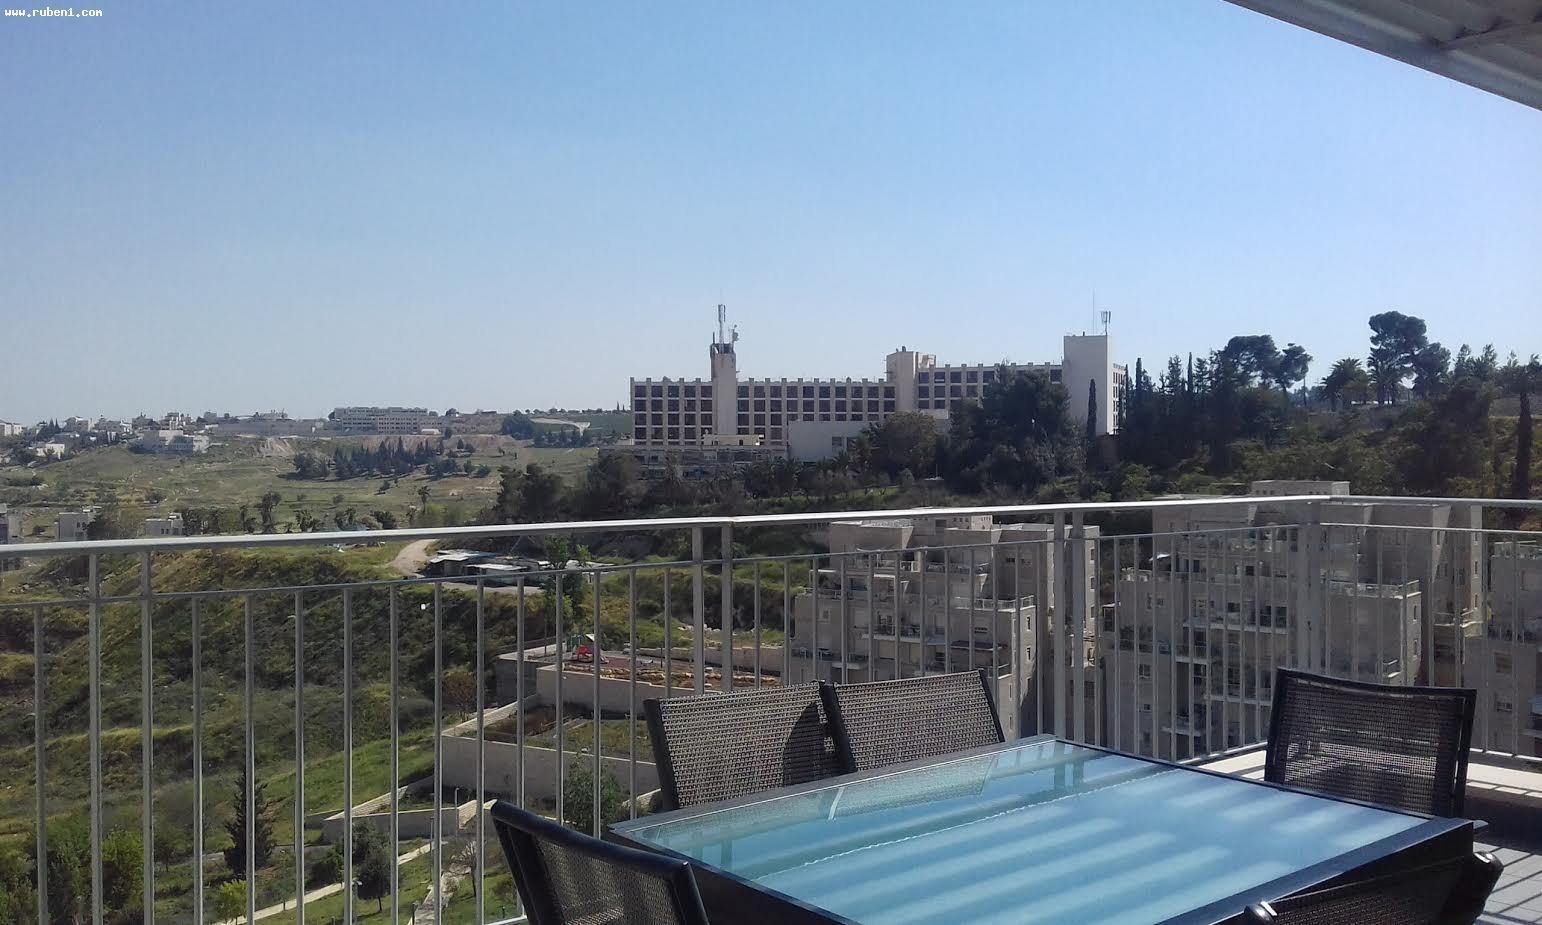 Real Estate Israel - Jerusalem Arnona מיני פנטהאוז בבניין חדש 5 חדרים, מהמם, נוף עוצר נשימה!... Rubens Real Estate